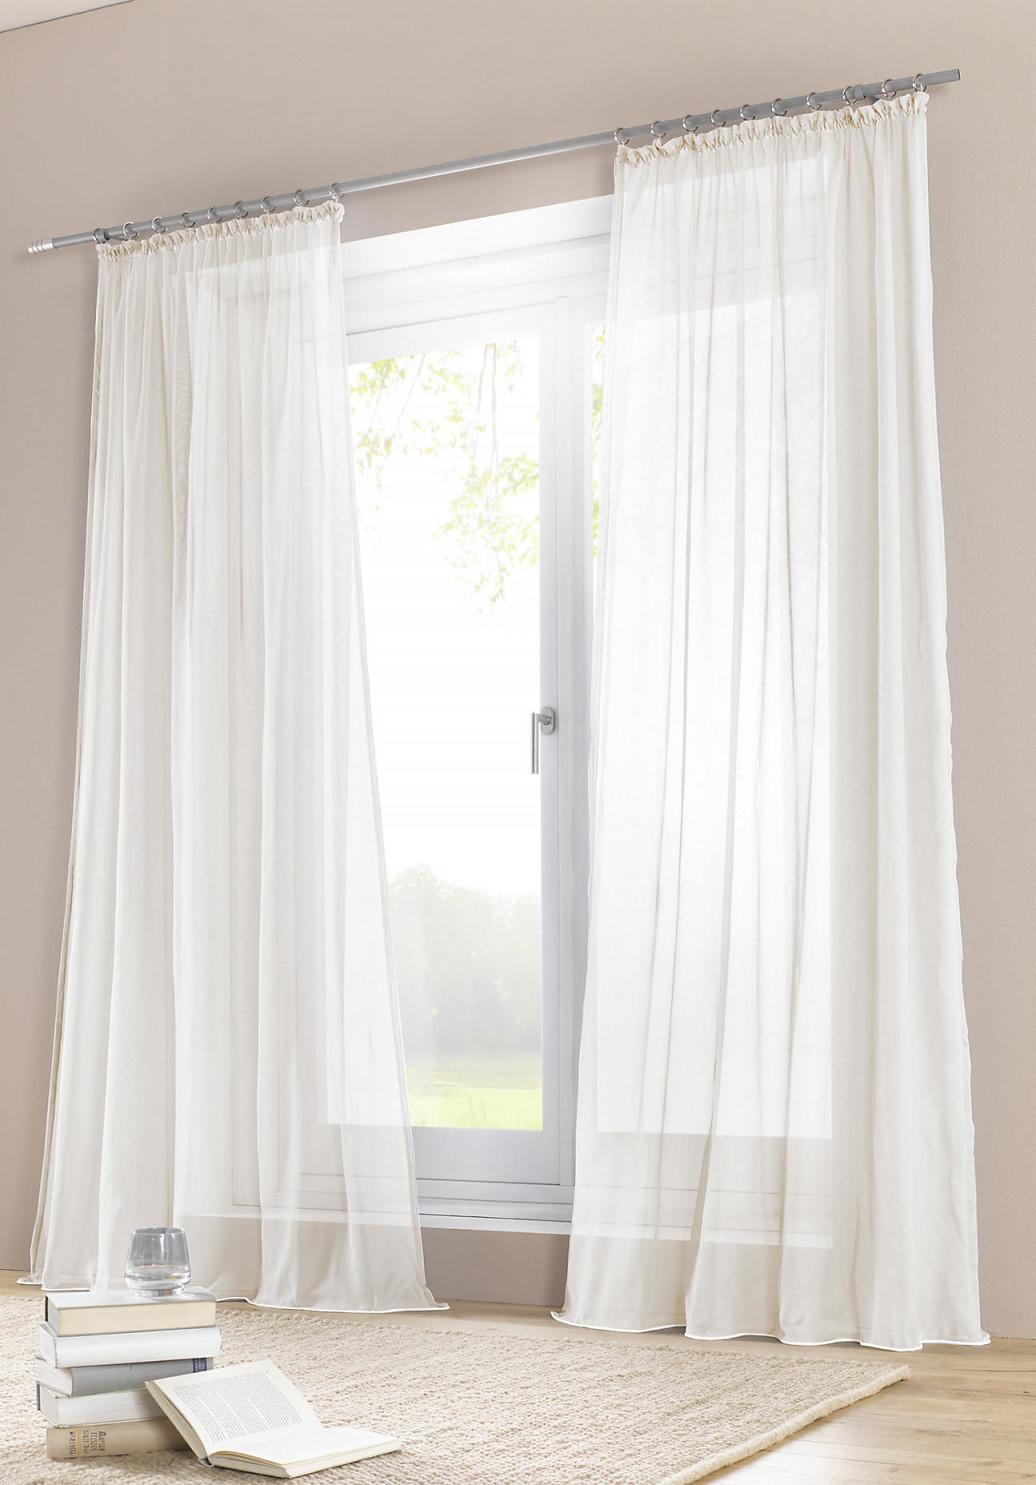 Die Schönsten Ideen Für Vorhänge  Gardinen von Übergardinen Wohnzimmer Ideen Photo